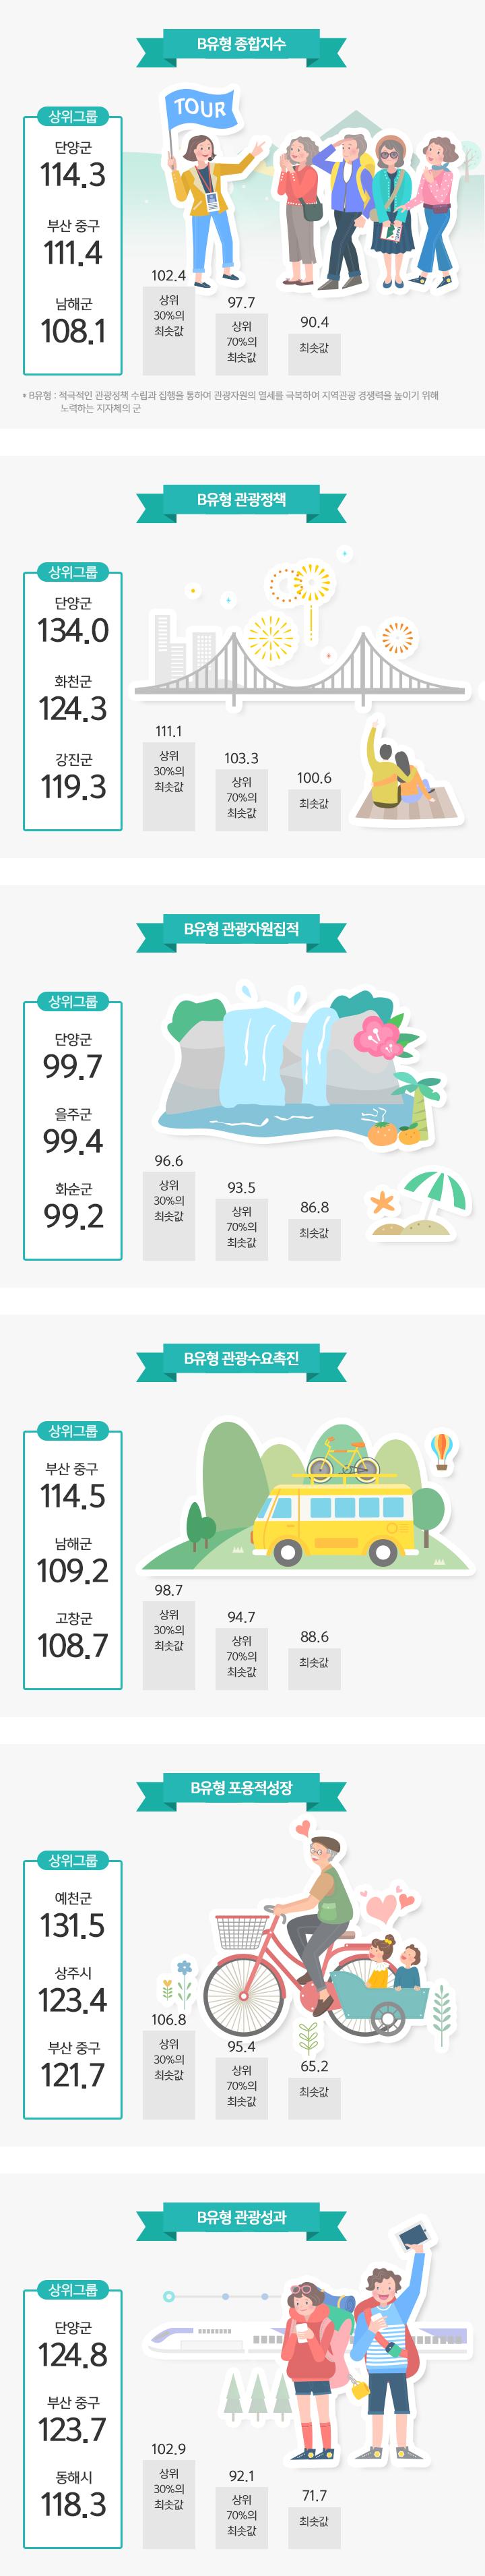 B유형 종합지수/ 관광정책/ 관광자원집적/ 관광수요촉진/ 포용적성장/ 관광성과